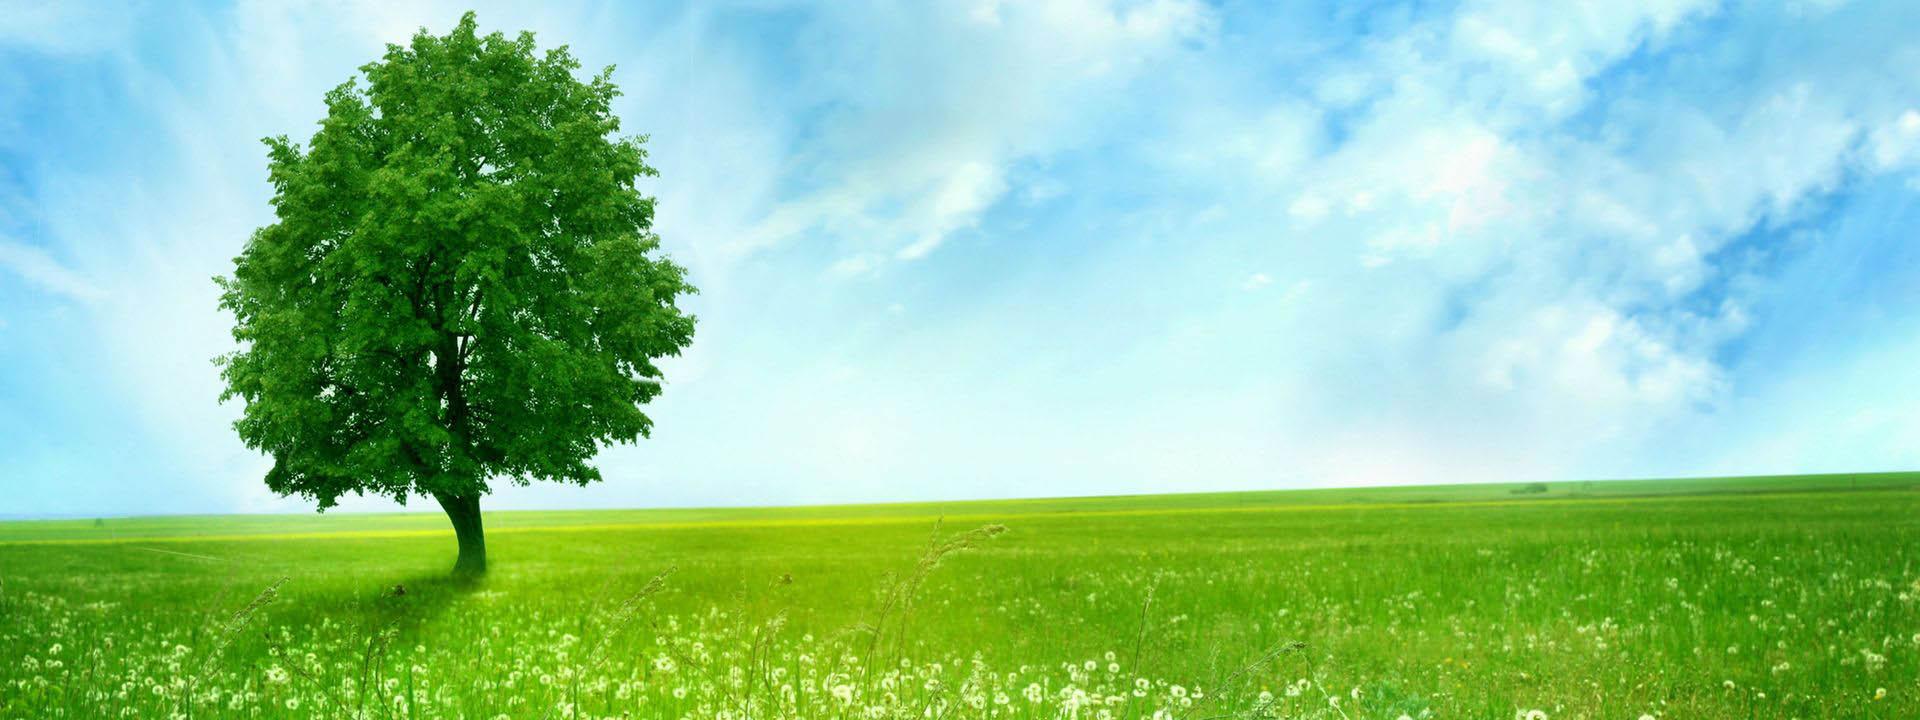 Ecoaria - attenti al risparmio energetico e il mondo in cui viviamo